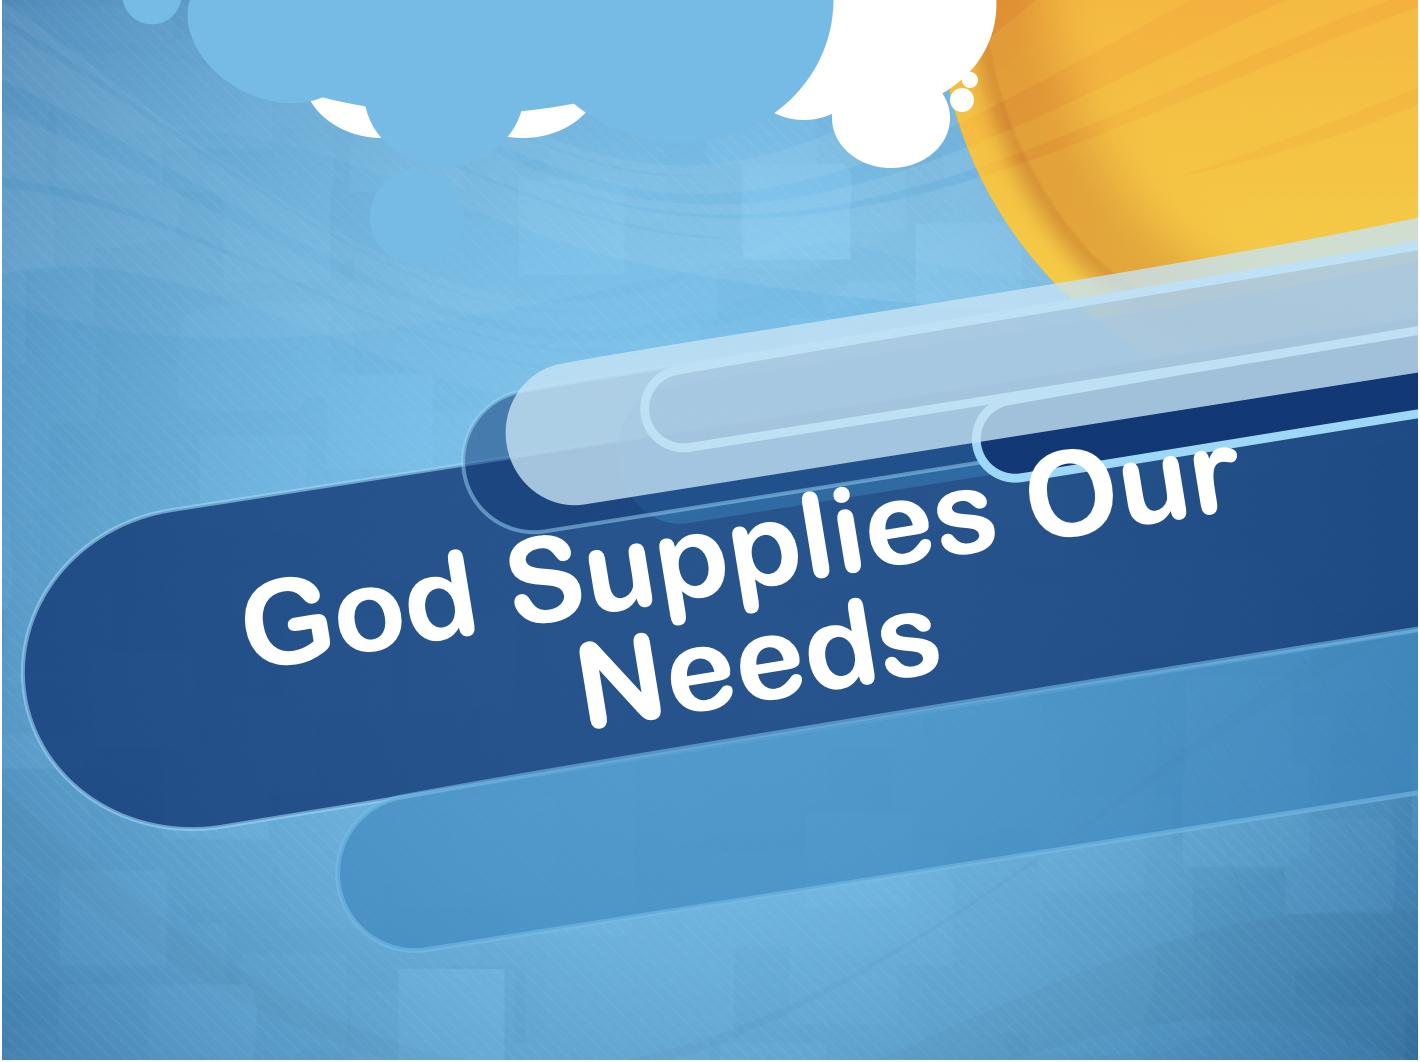 Watch/Listen God Supplies Our Needs